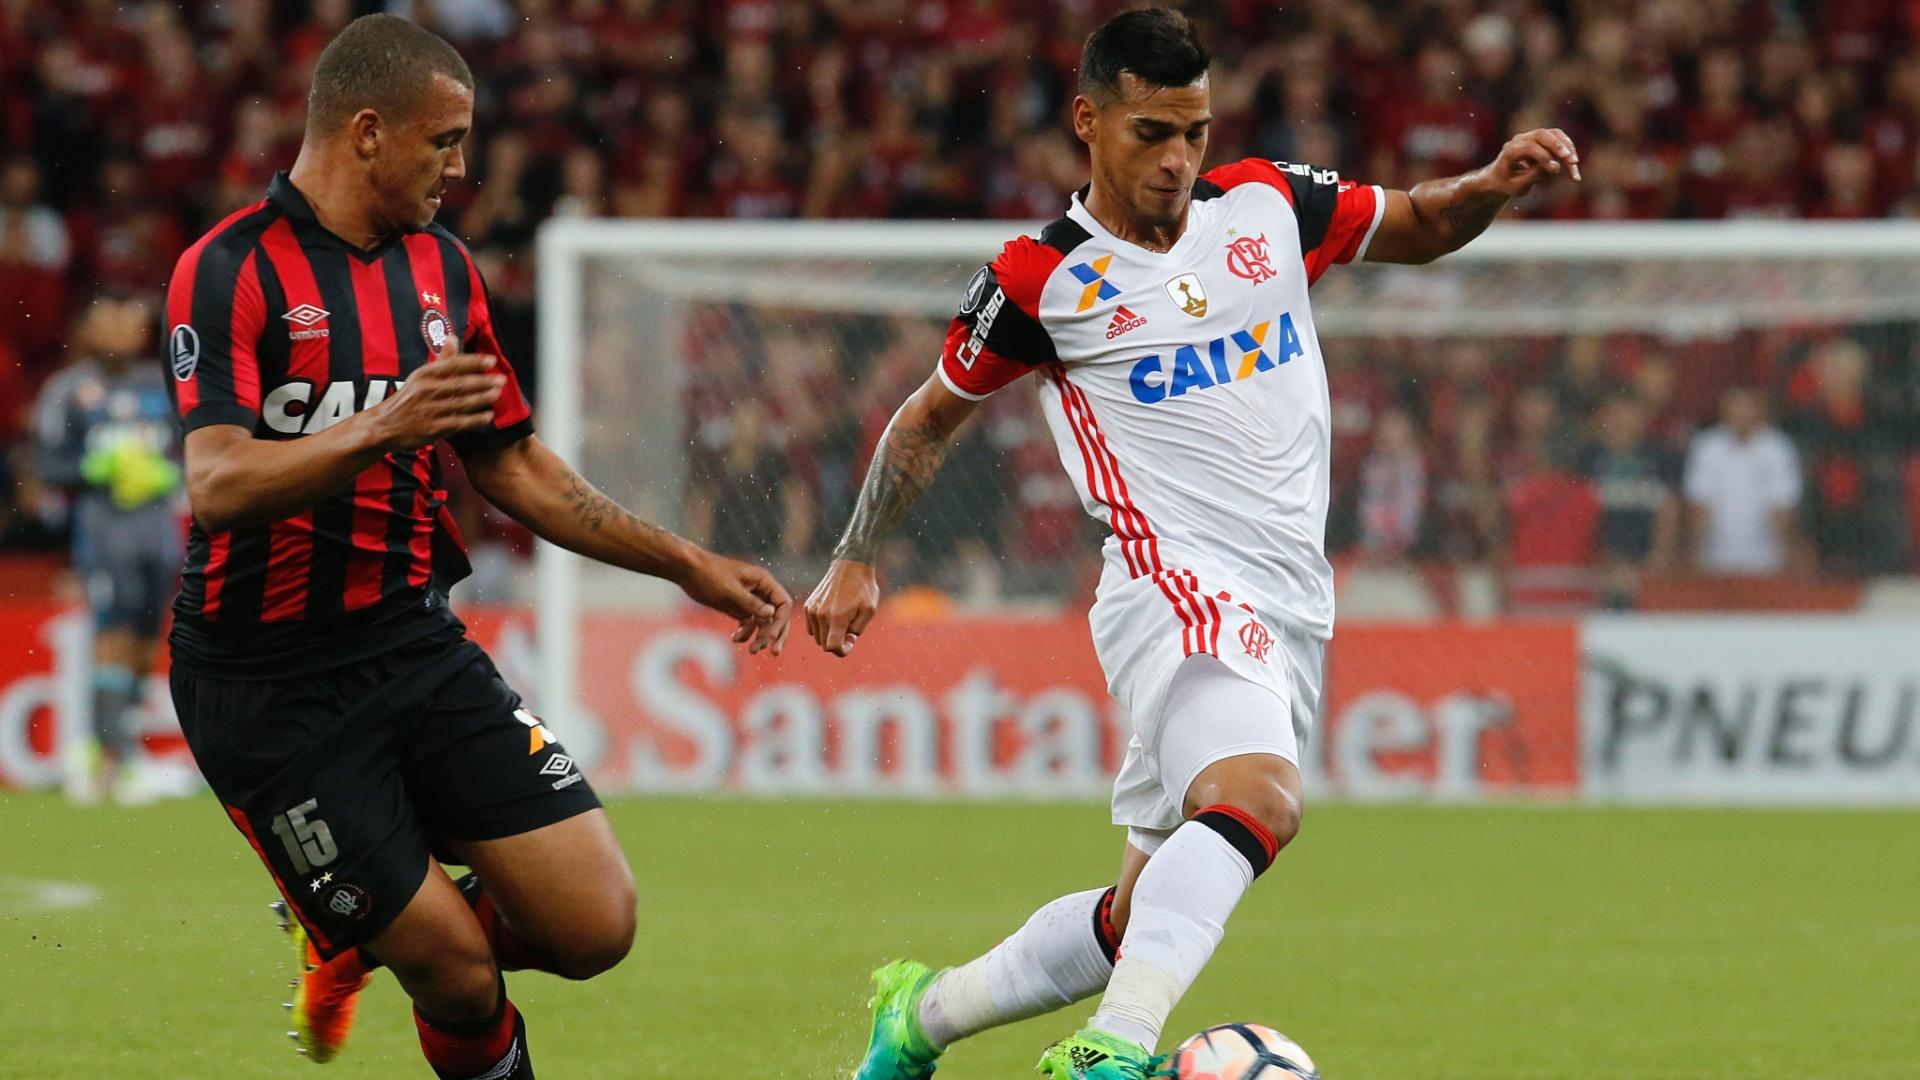 Trauco, do Flamengo, é acompanhado por Zé Ivaldo, do Atlético-PR